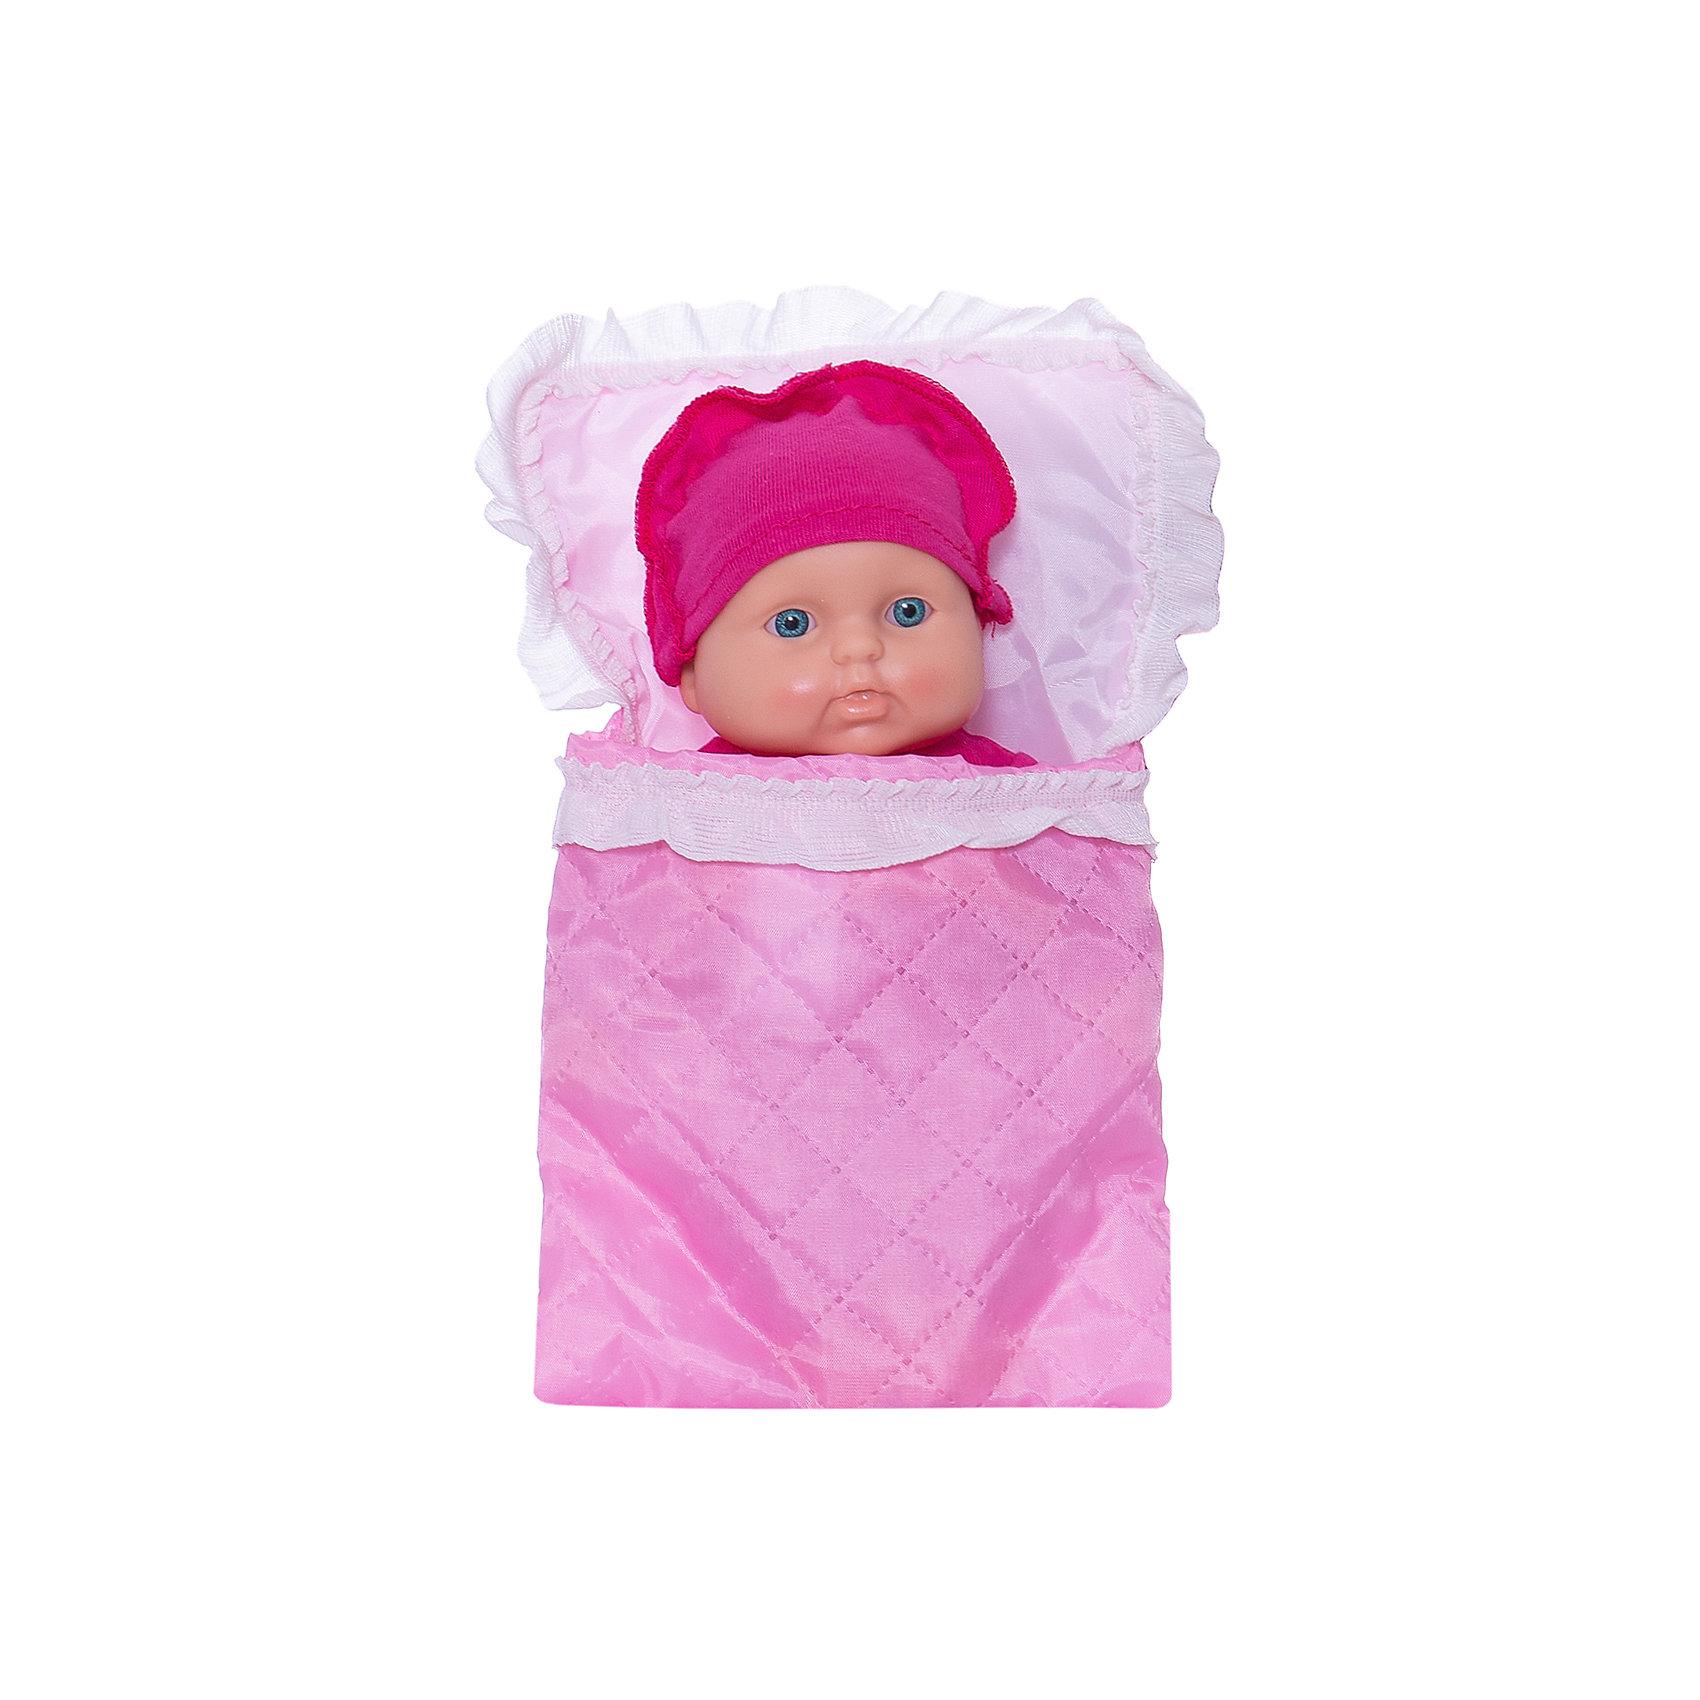 Кукла Карапуз 17, ВеснаКлассические куклы<br>Симпатичная и качественная кукла от отечественного производителя способна не просто помочь ребенку весело проводить время, но и научить девочку заботиться о других. На игрушке - симпатичная одежда и шапочка, всё можно снимать и надевать. Также прилагается красивый конверт-одеяло.<br>Такая кукла помогает ребенку нарабатывать социальные навыки и весело познавать мир. Сделана игрушка из качественных, приятных на ощупь и безопасных для ребенка материалов.<br><br>Отличительные особенности куклы:<br><br>- материал: пластмасса;<br>- волосы: рельефная имитация;<br>- можно купать;<br>- снимающаяся одежда;<br>- высота: 20 см.<br><br>Куклу Карапуз 17 от марки Весна можно купить в нашем магазине.<br><br>Ширина мм: 240<br>Глубина мм: 130<br>Высота мм: 75<br>Вес г: 190<br>Возраст от месяцев: 36<br>Возраст до месяцев: 1188<br>Пол: Женский<br>Возраст: Детский<br>SKU: 4701836